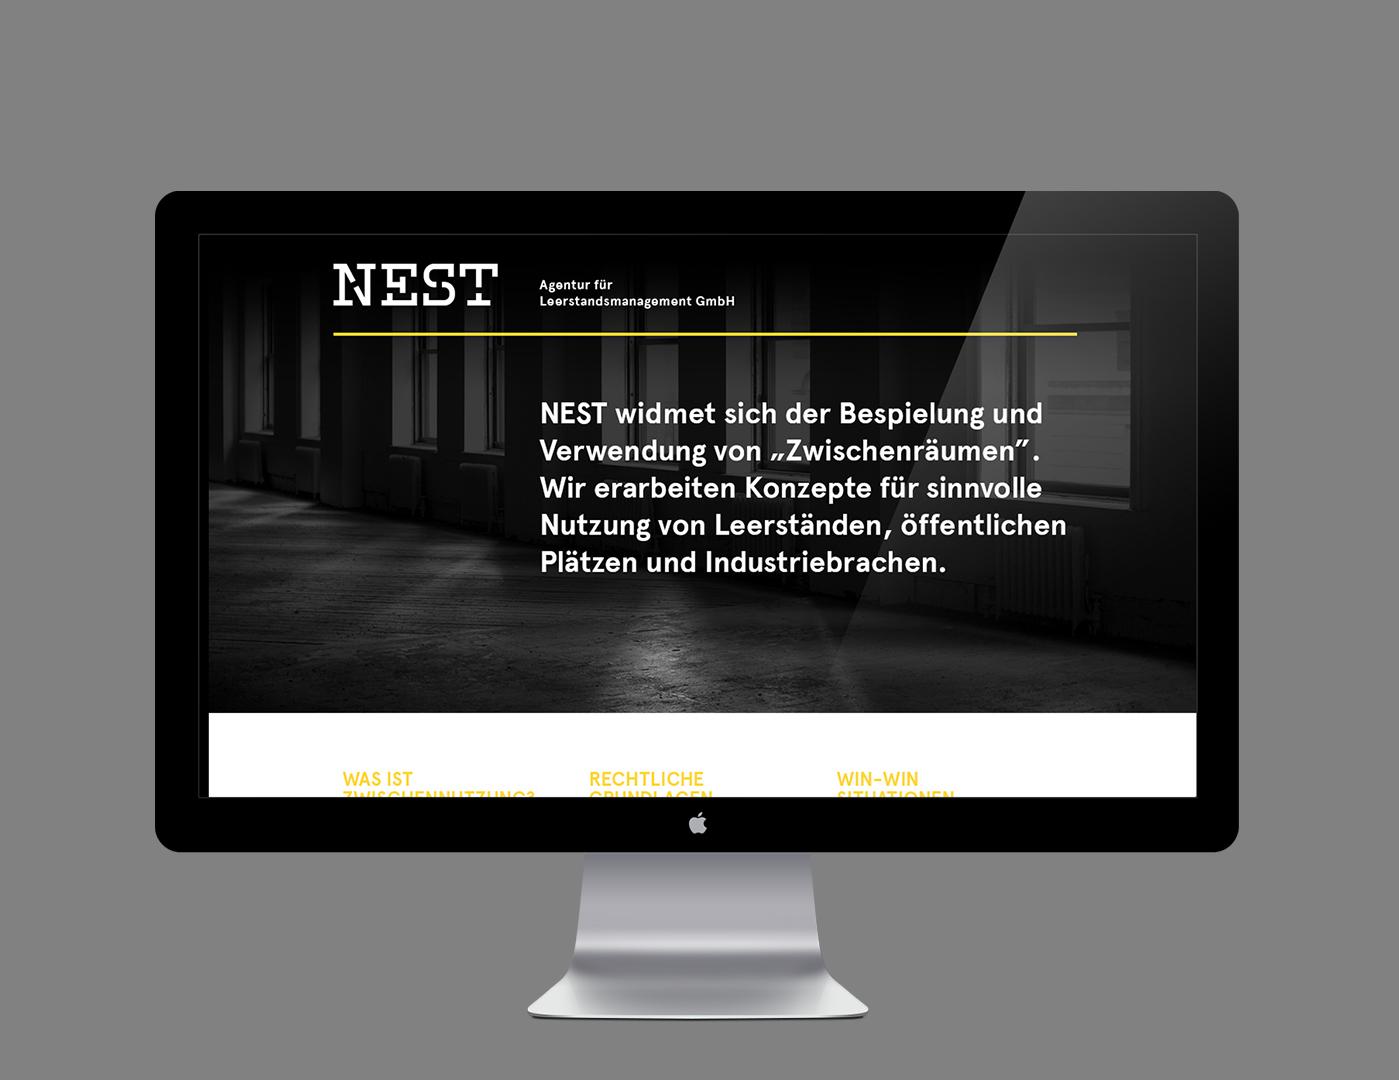 cg_cases_nest_6